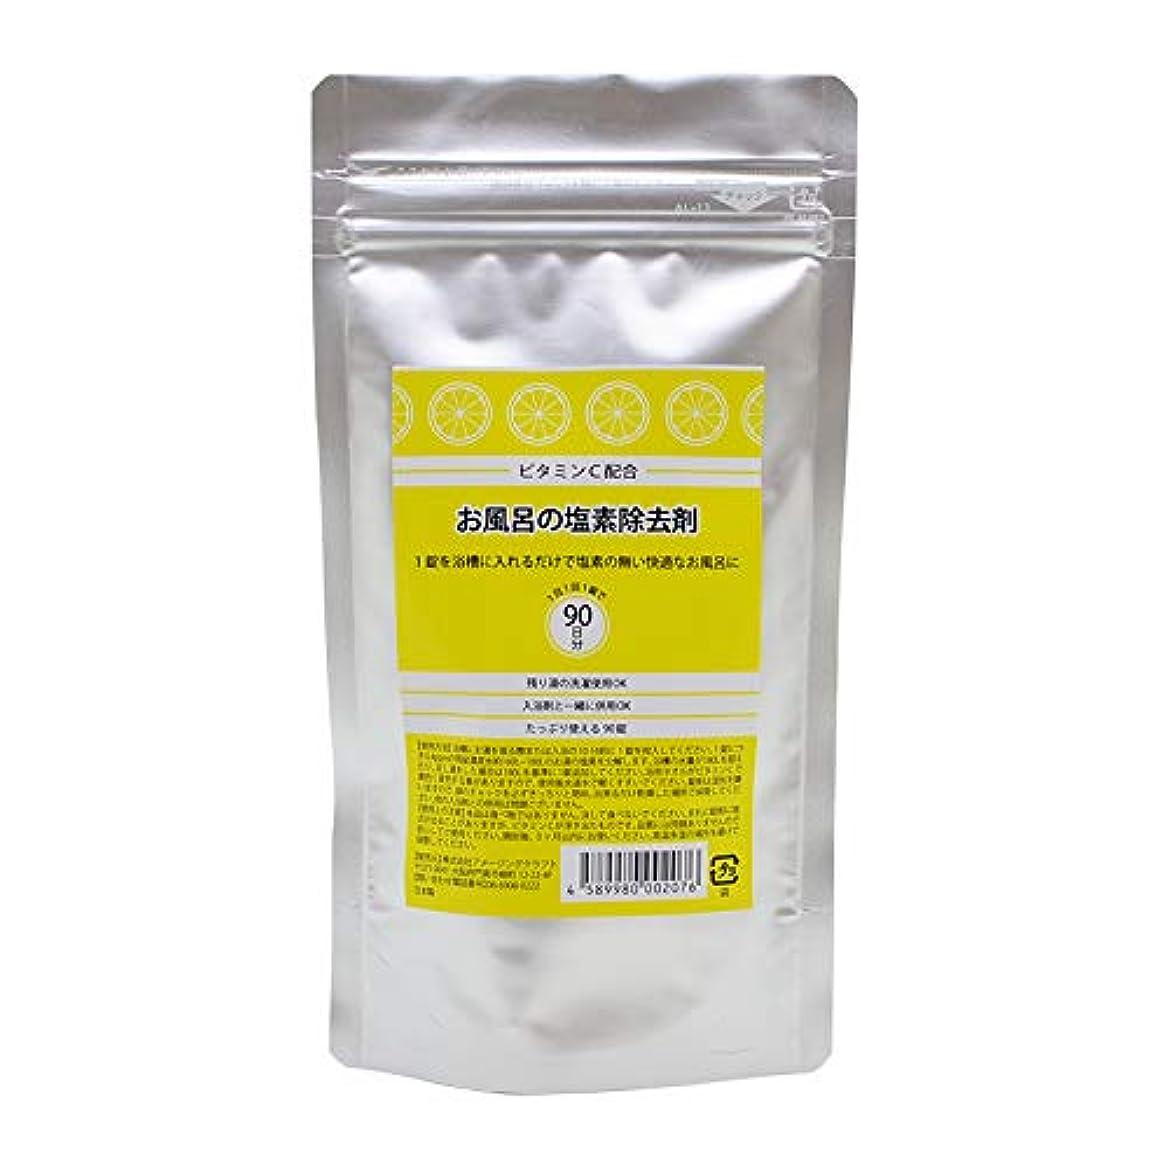 コンベンションプラットフォーム表向きビタミンC配合 お風呂の塩素除去剤 錠剤タイプ 90錠 浴槽用脱塩素剤